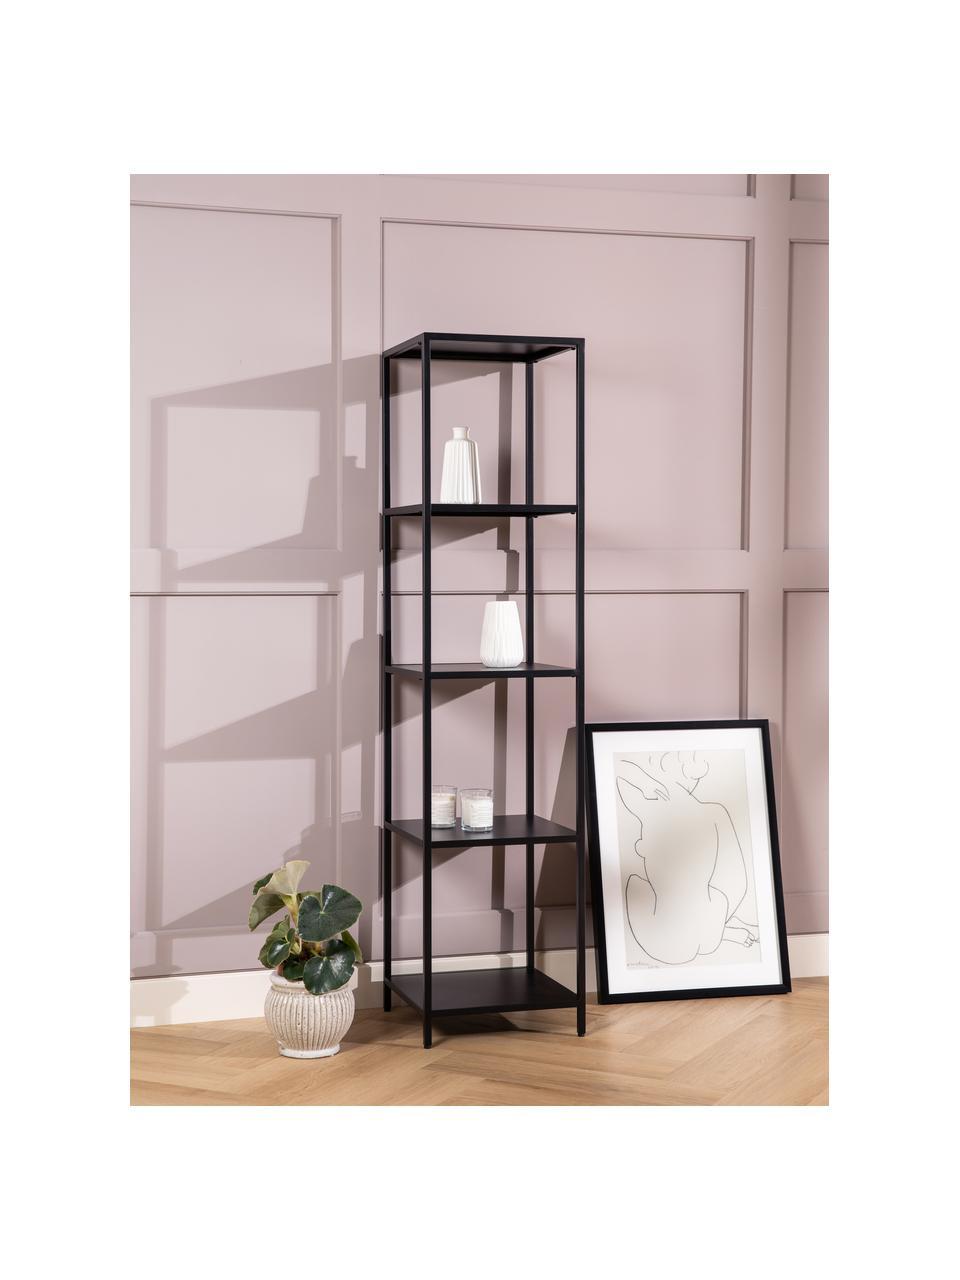 Libreria in metallo nero Neptun, Metallo verniciato a polvere, Nero, Larg. 35 x Alt. 146 cm